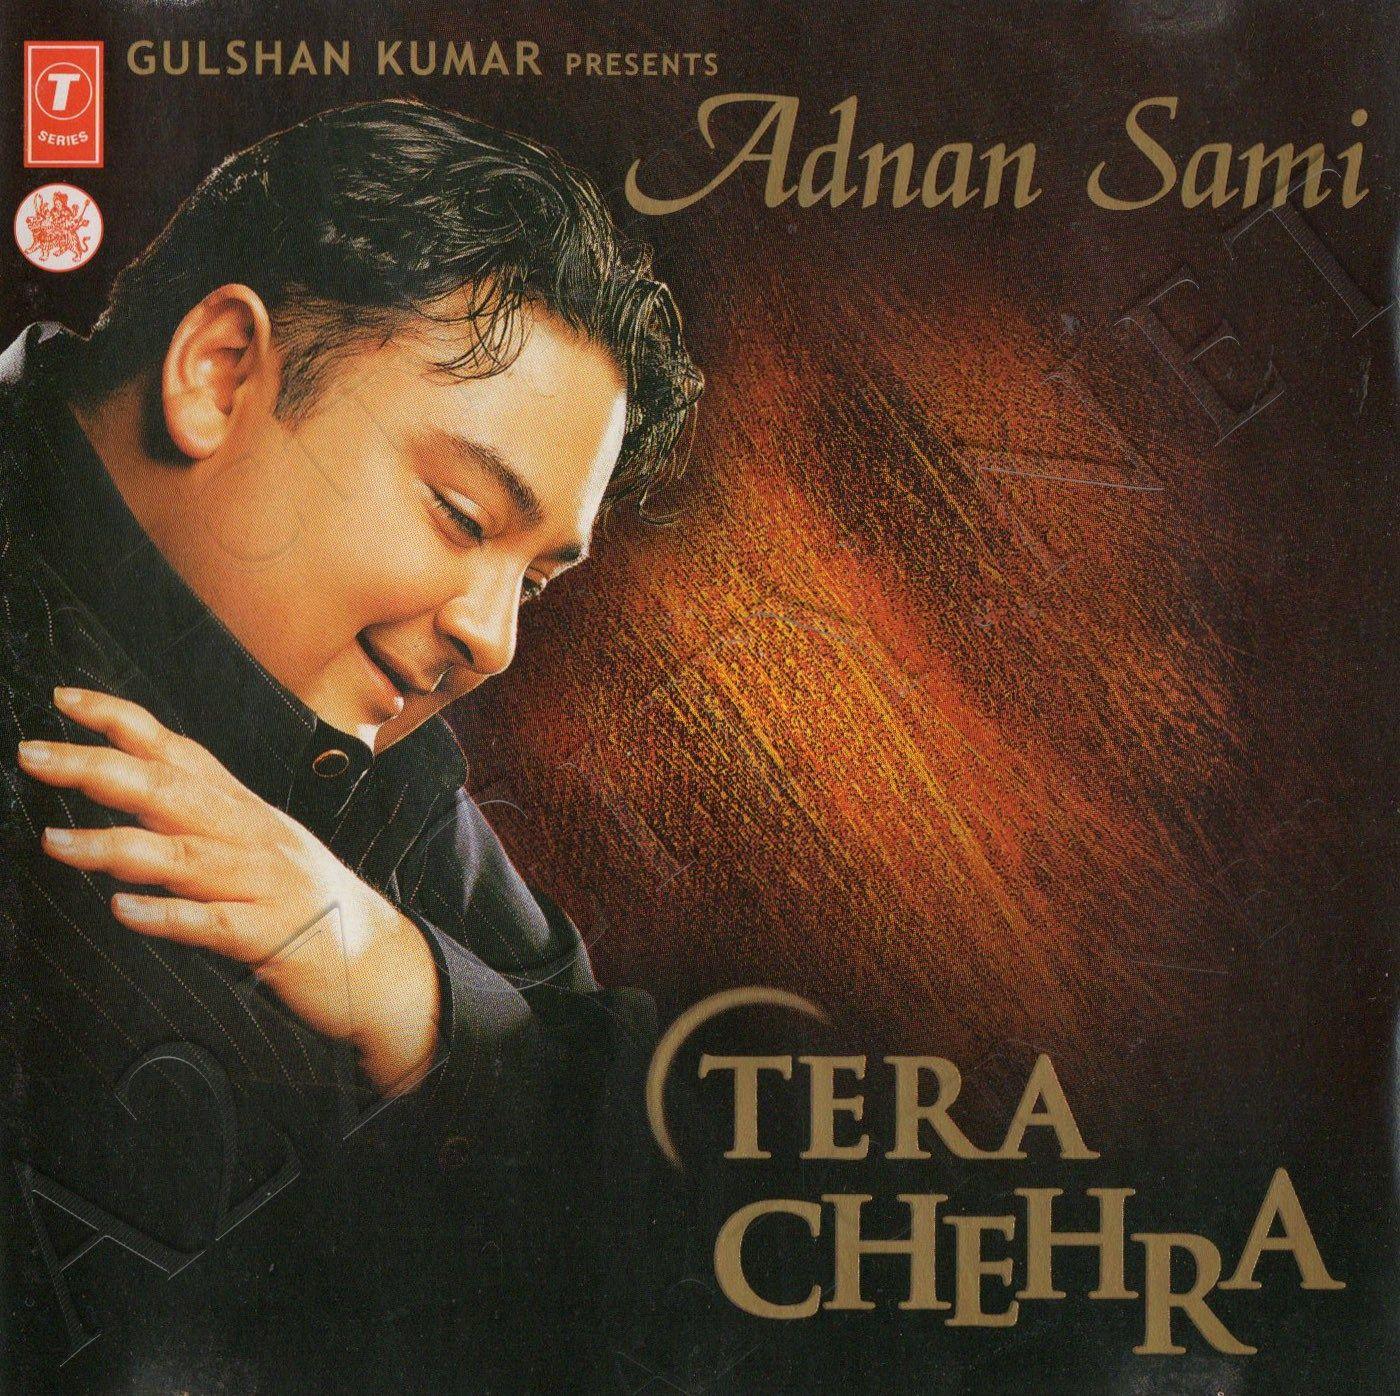 Tera Chehra 2002 Flac Songs Gulshan Kumar Old Movies